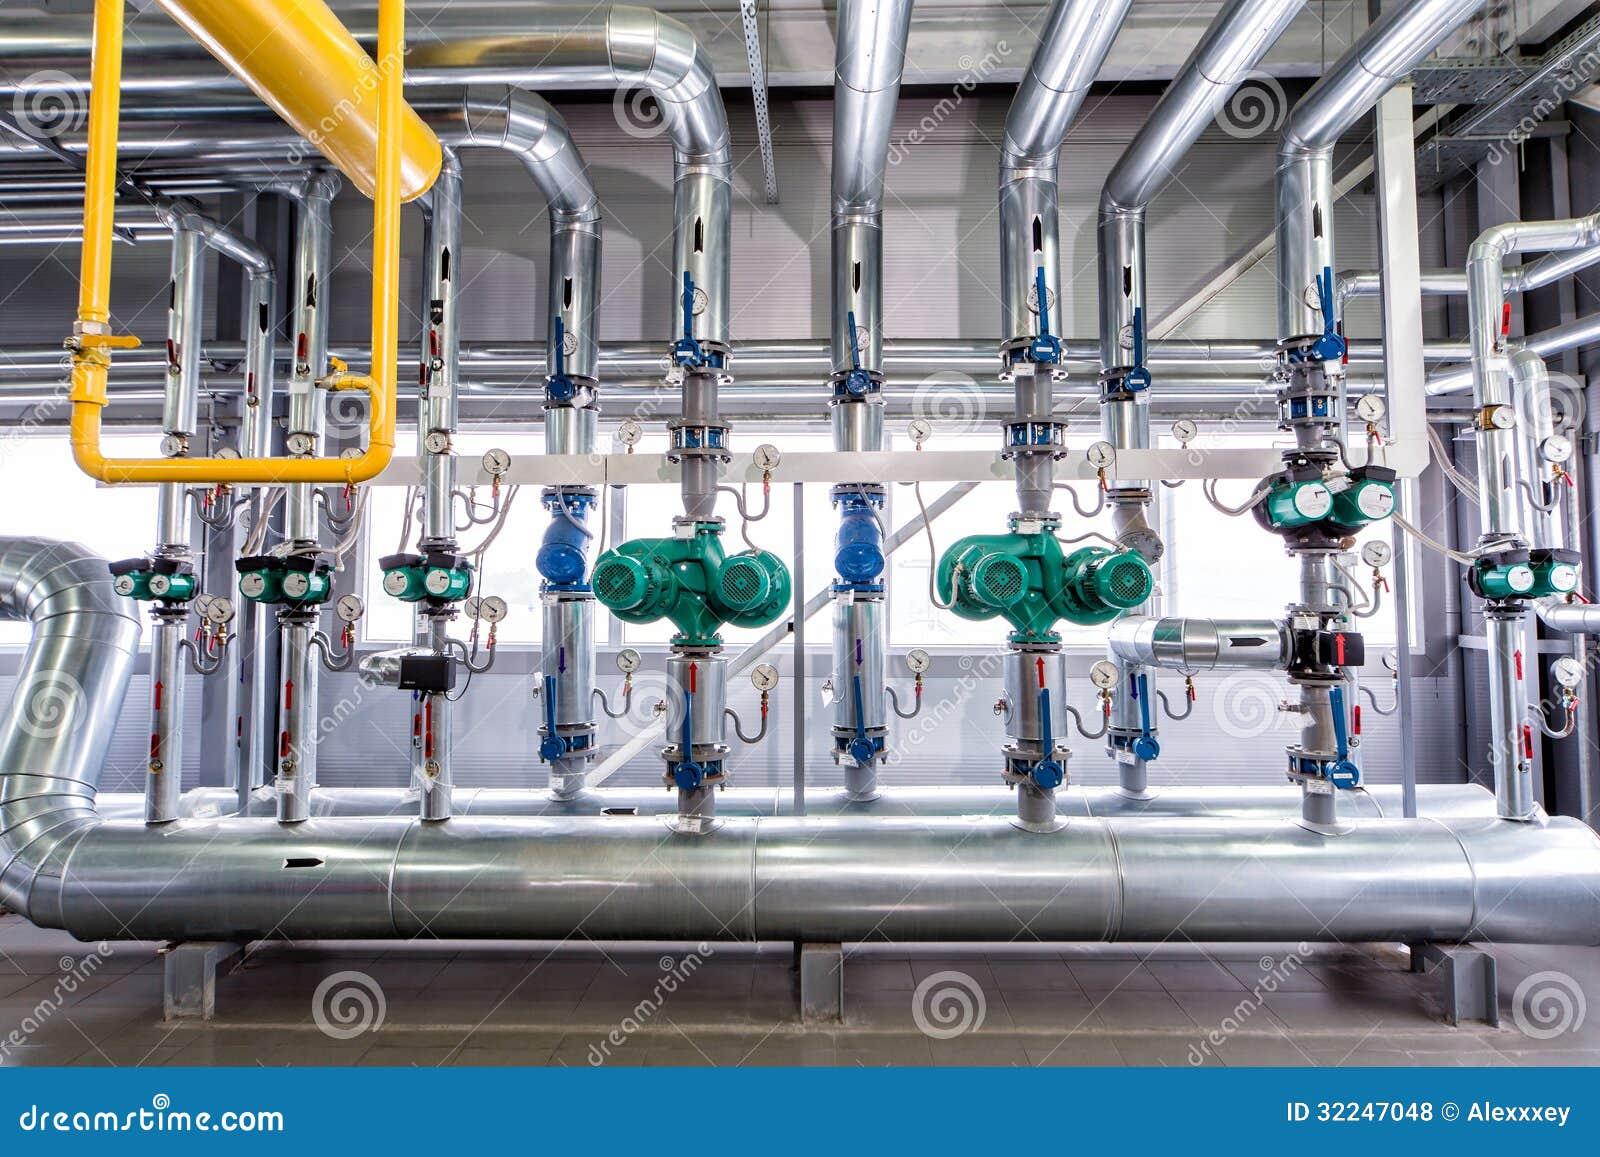 Interno di una caldaia industriale della conduttura delle pompe e dei motori fotografia stock - Caldaia a gas da interno ...